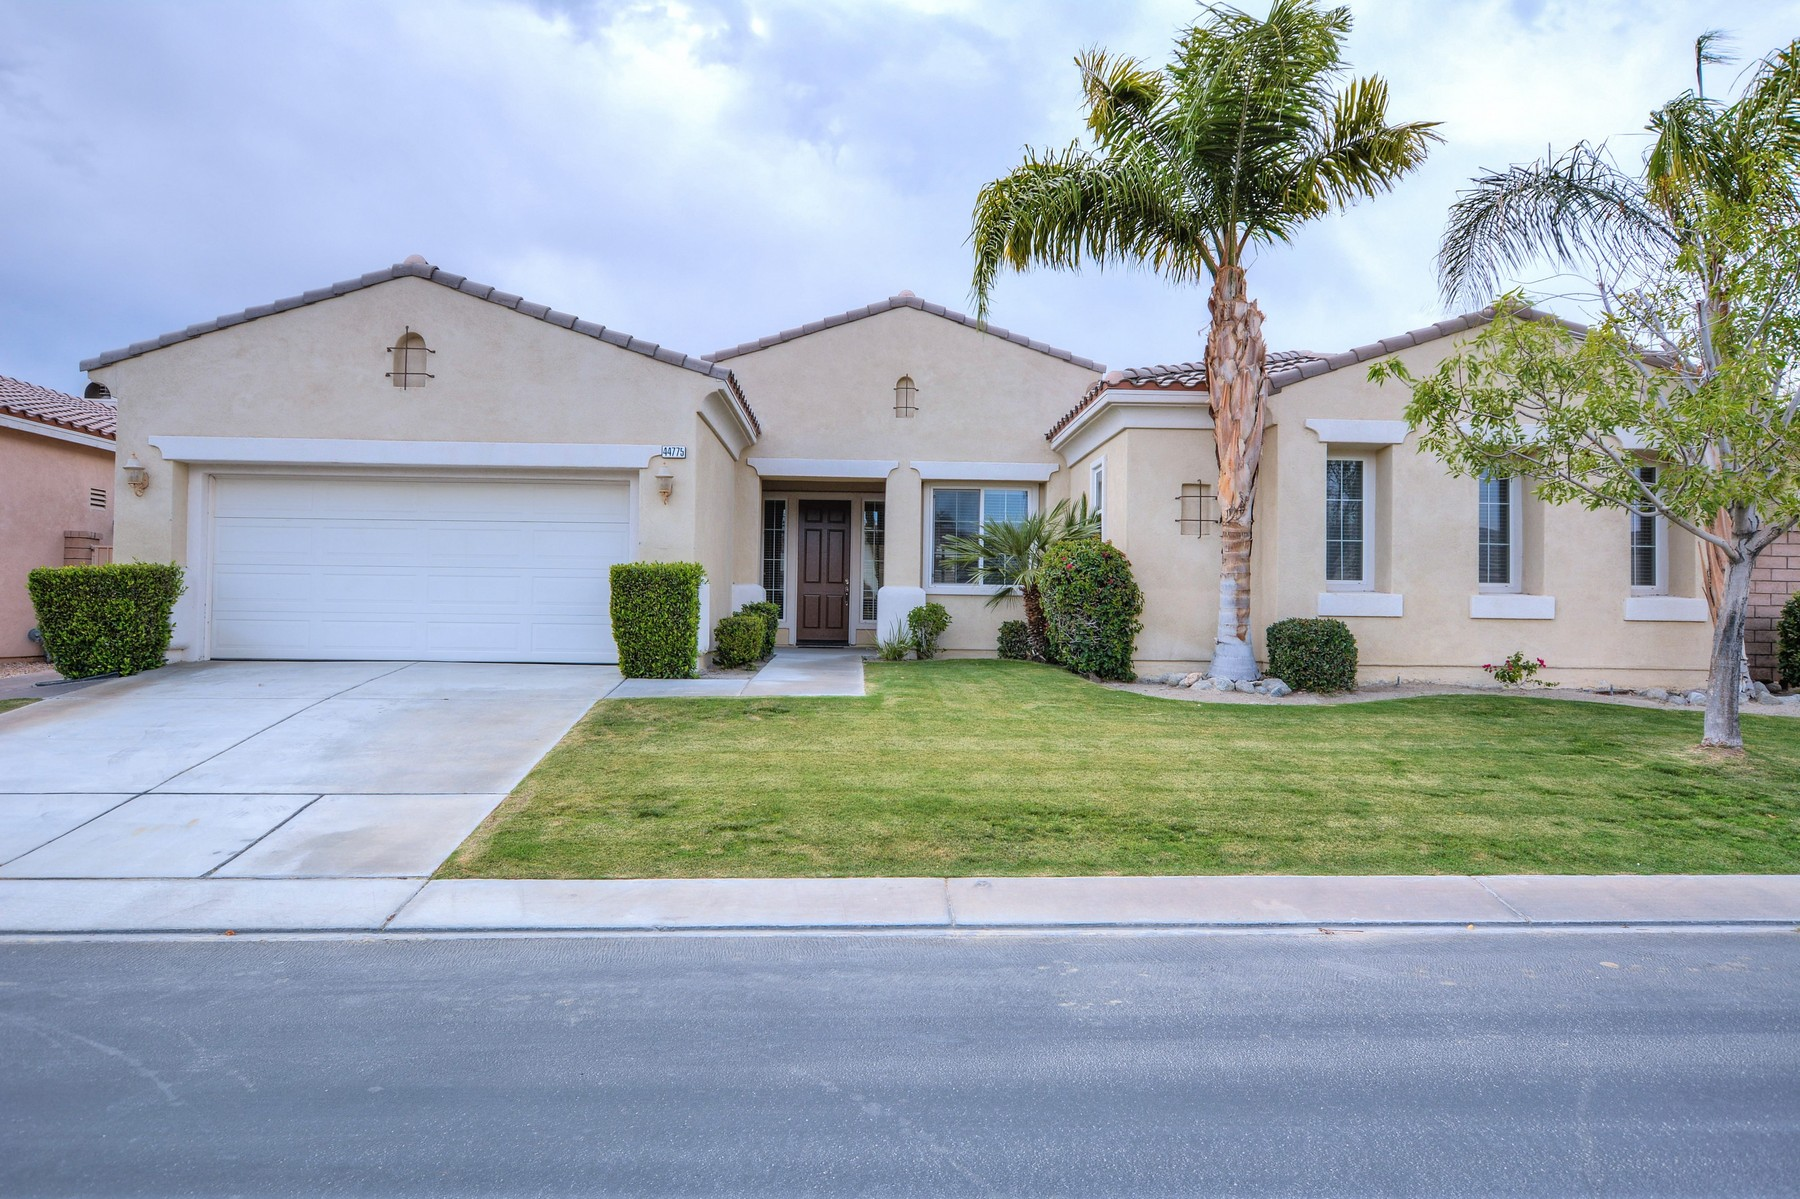 Частный односемейный дом для того Продажа на 44775 Via Alondra La Quinta, Калифорния, 92253 Соединенные Штаты